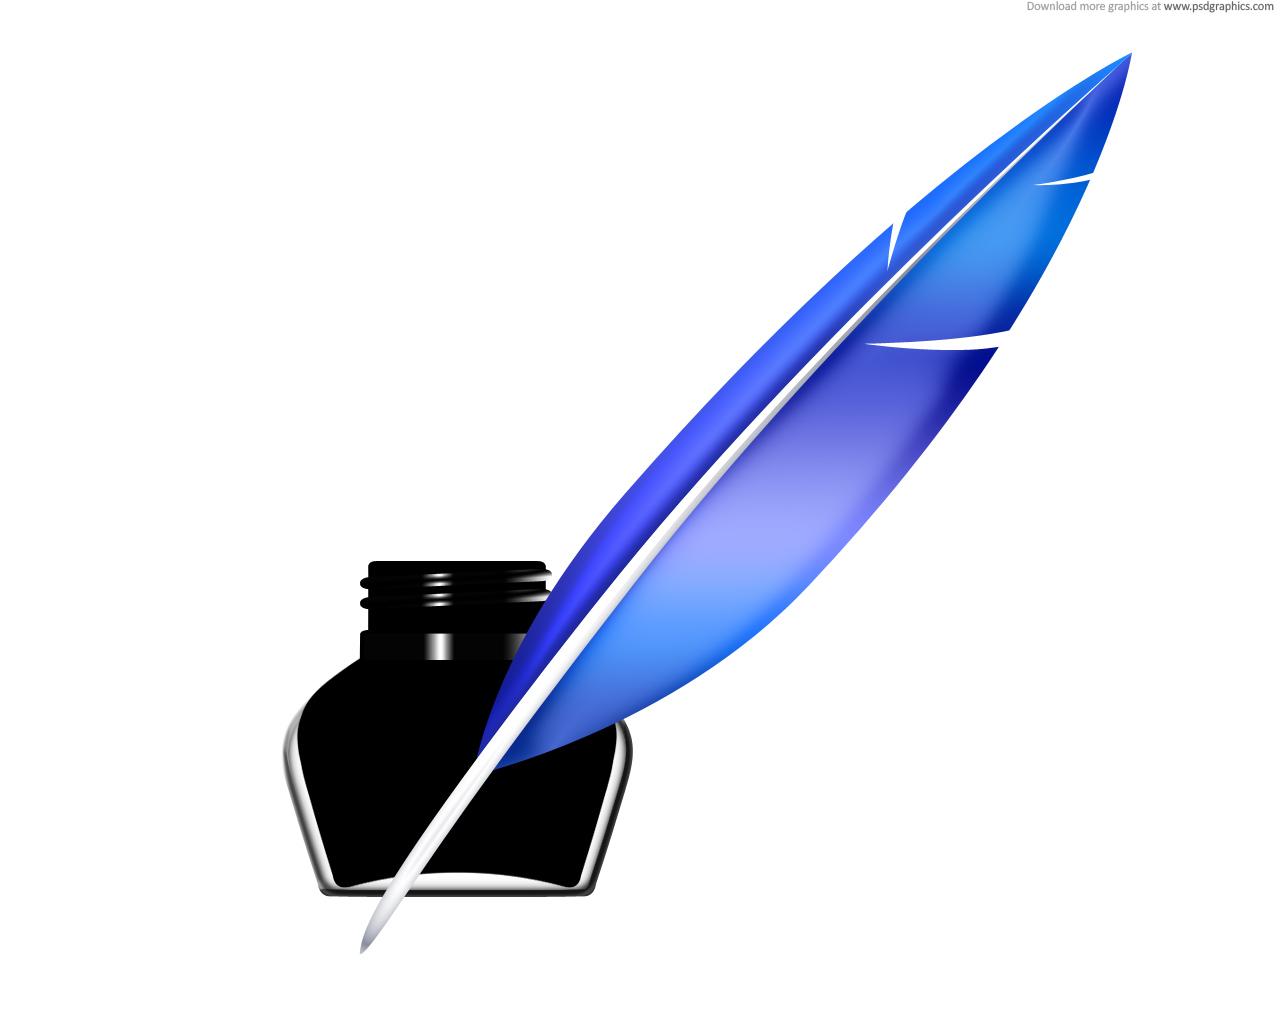 Feather Pen Clip Art - Cliparts.co - 124.0KB